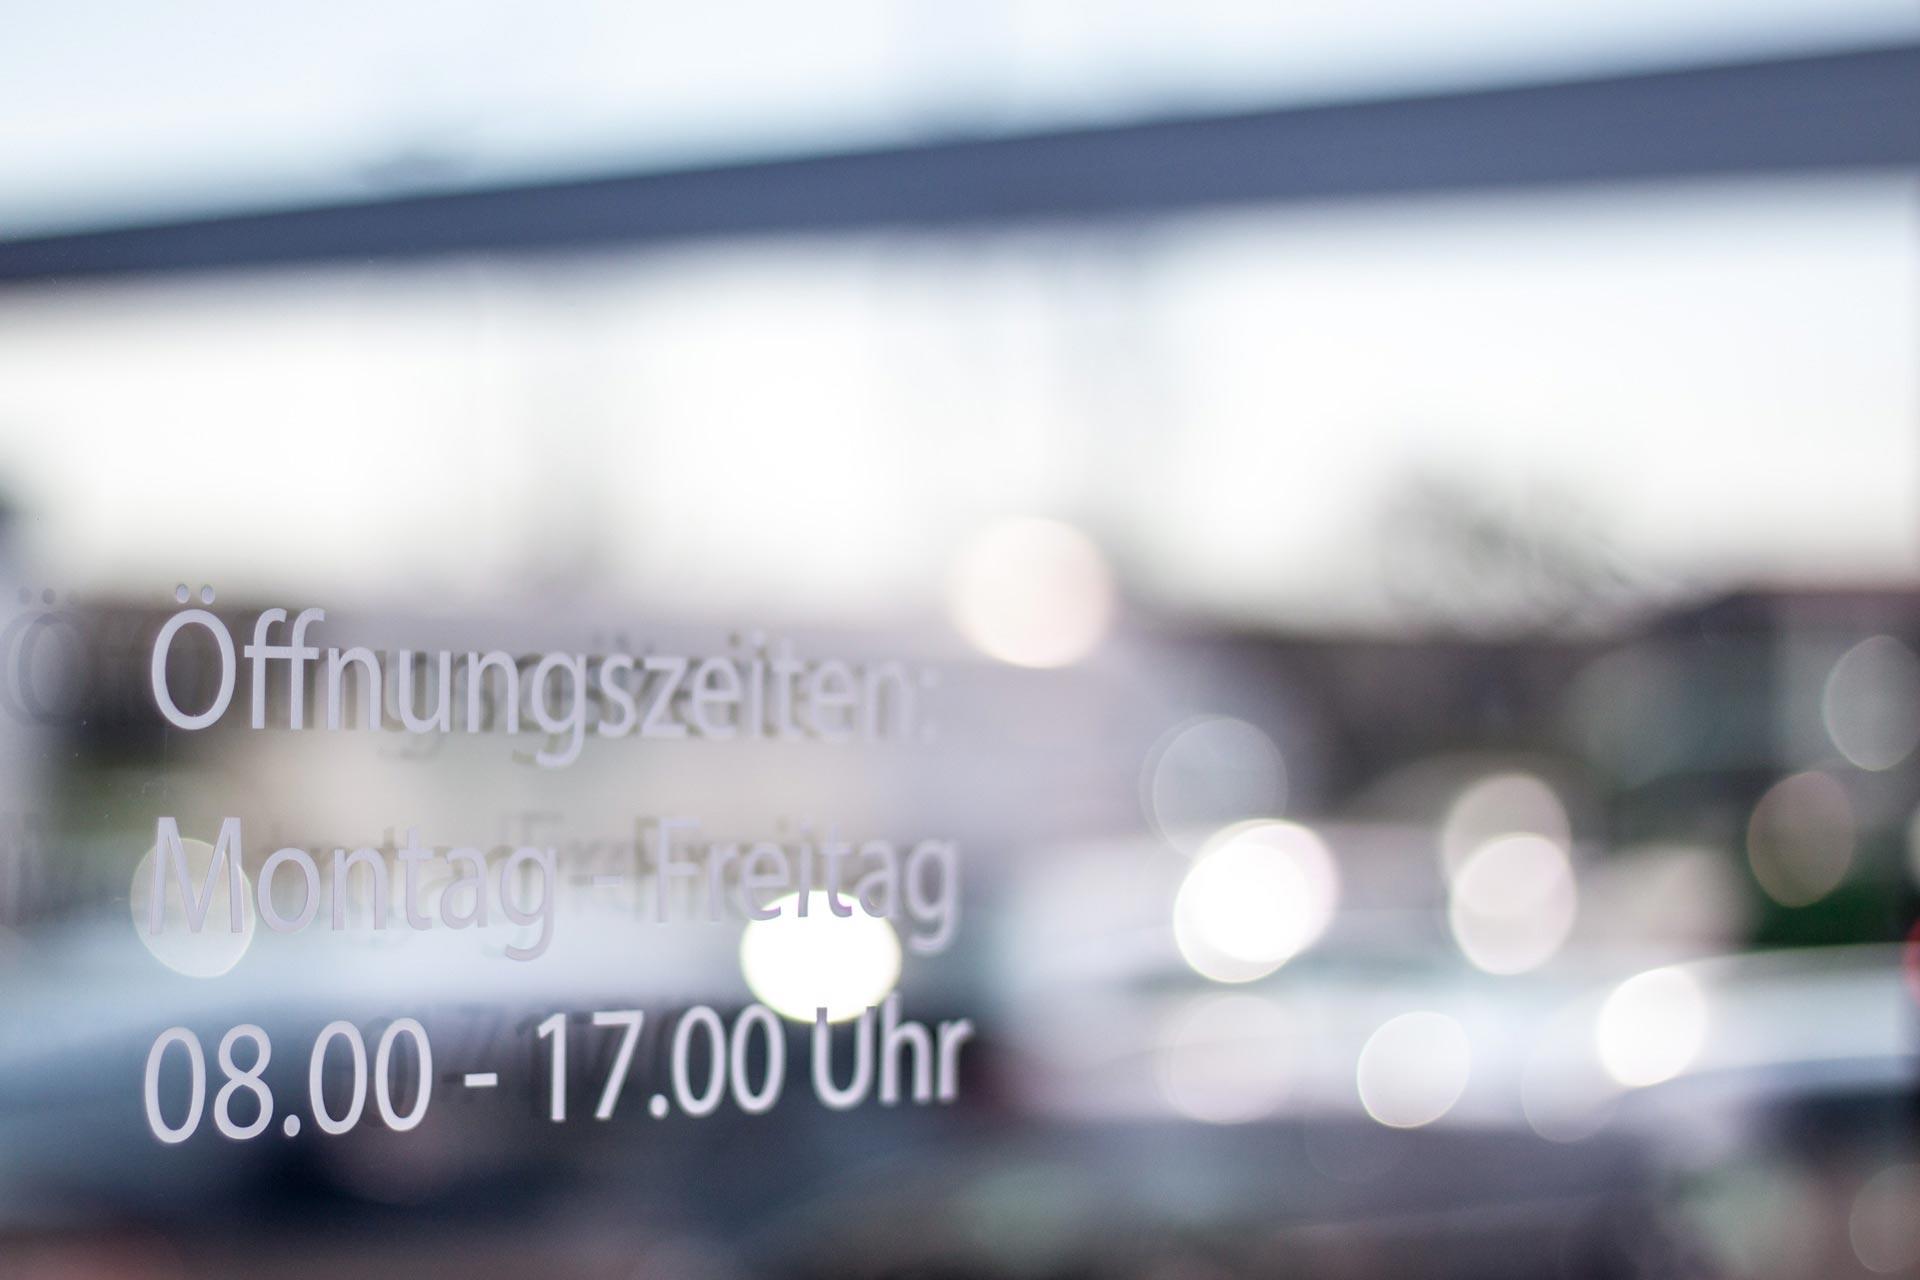 Fahrzeugbeschriftung, Schilder, Leuchtwerbung